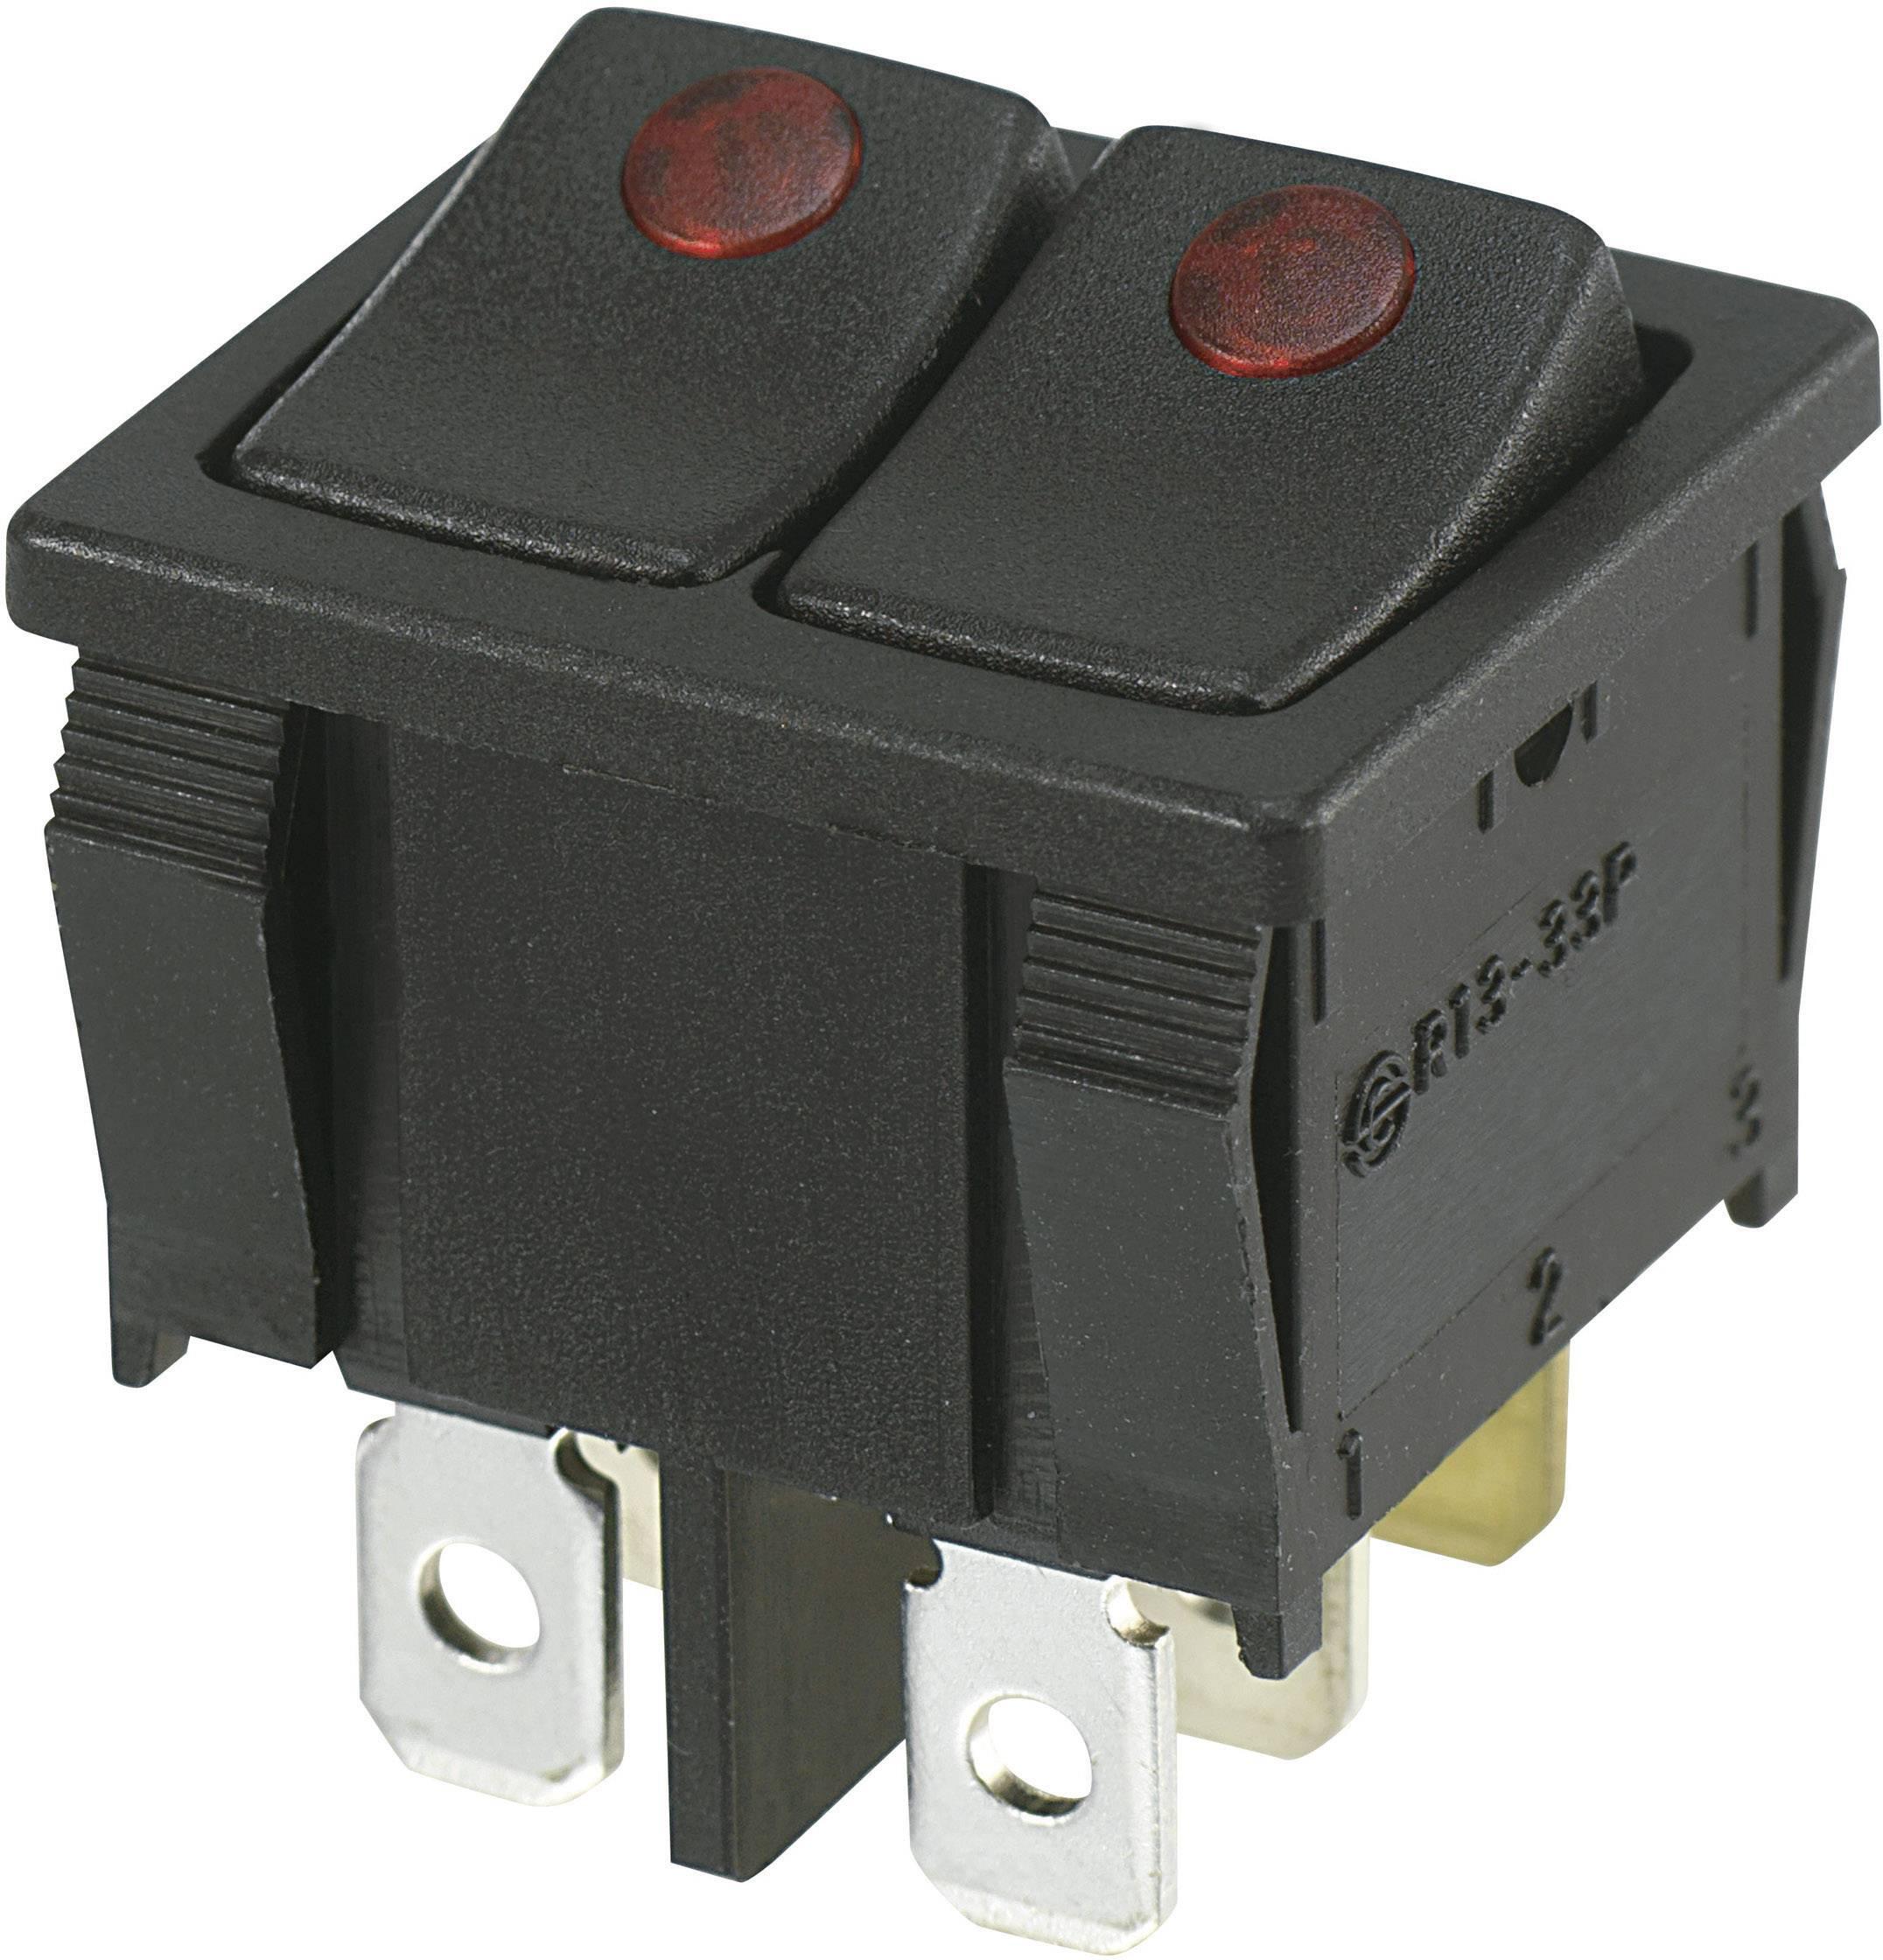 Kolébkový přepínač SCI R13-33PB2-02 (98003c3), 250 V/AC, 10 A, 2x vyp/zap